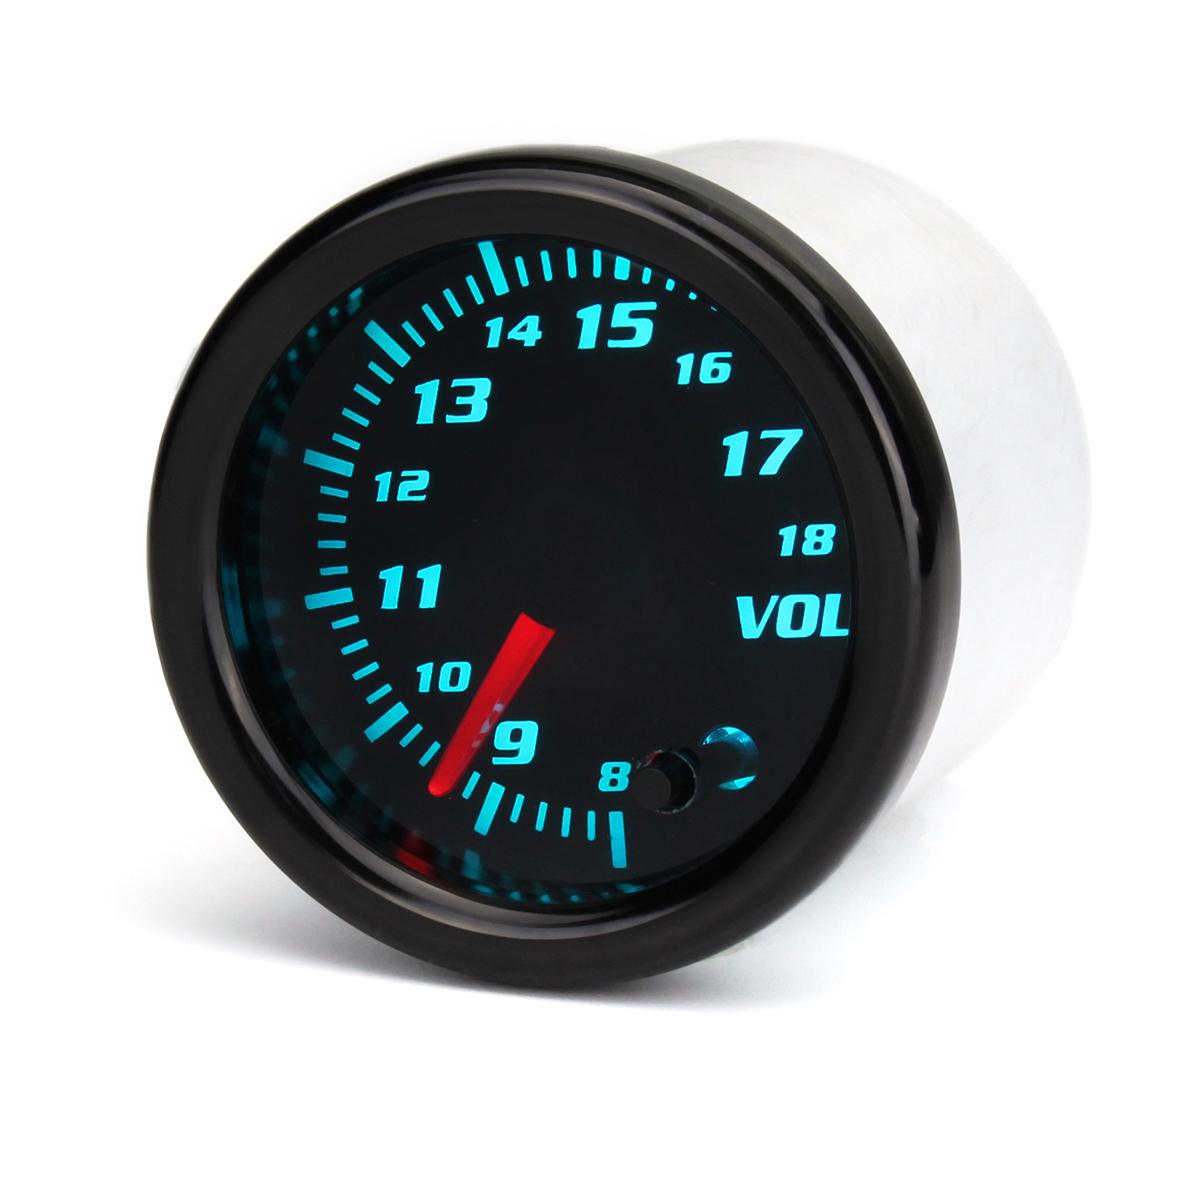 Дюймов 52 мм Автоматический вольтметр 7 Цвет LED Дисплей Тонированное лицо